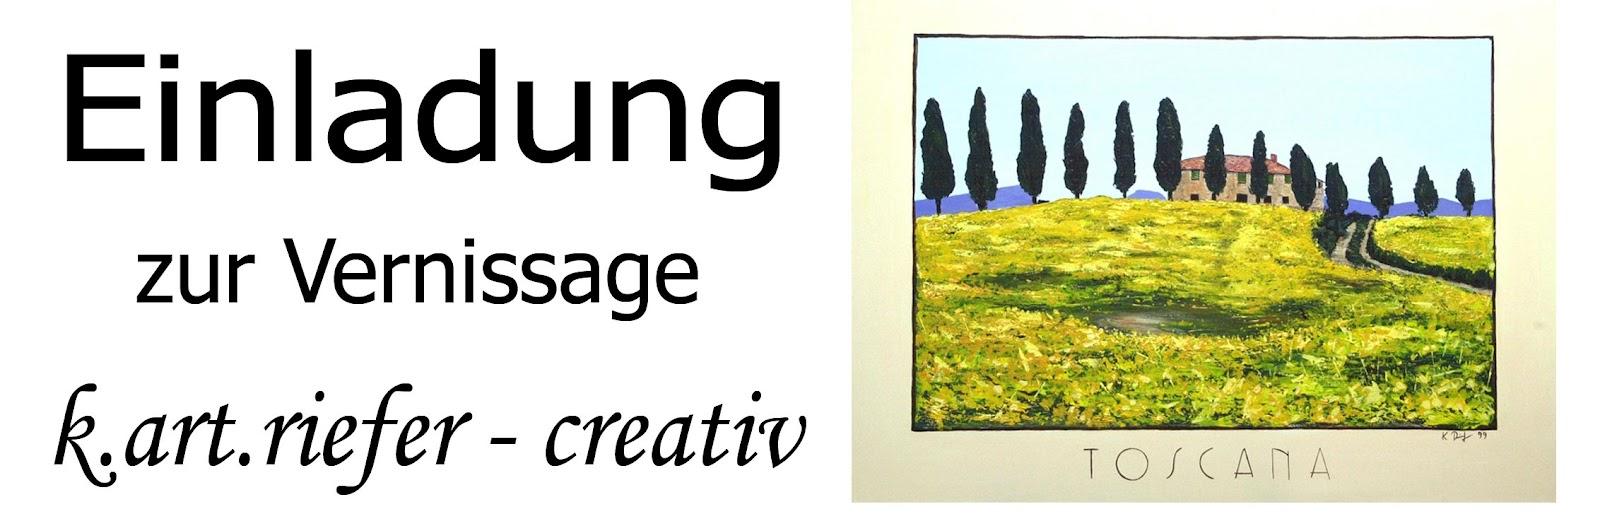 """eppelblog: einladung zur vernissage """"k.art.riefer - creativ"""", Einladung"""